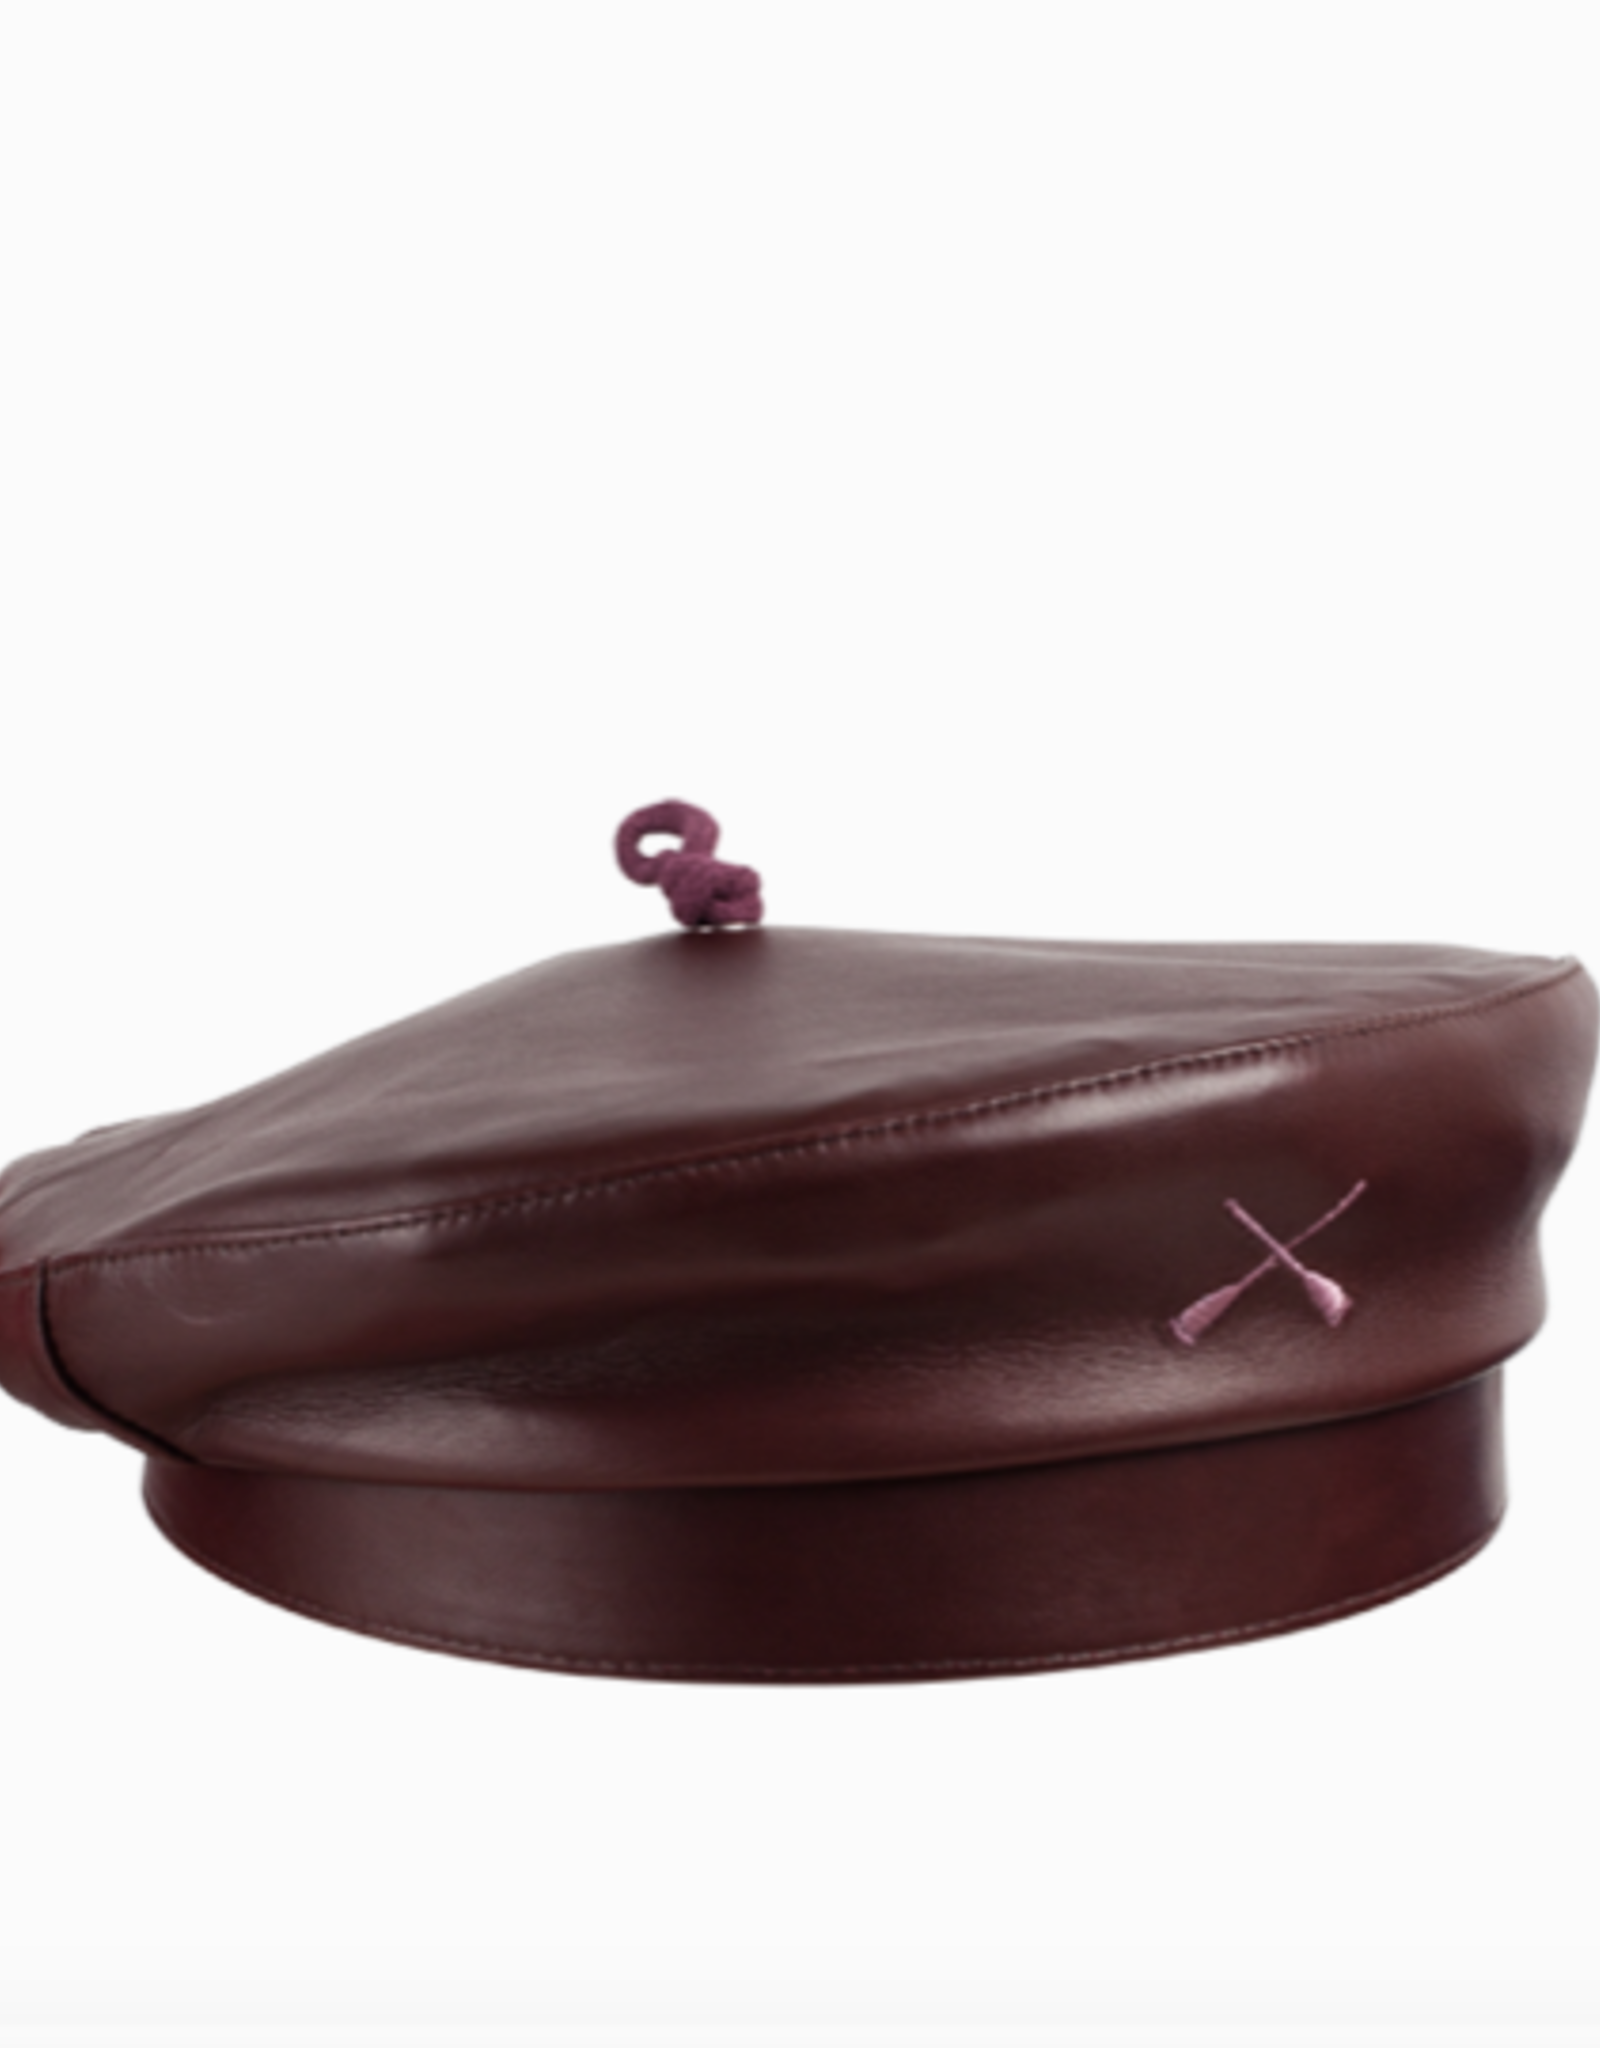 béton x ciré Beret Leather Bordeaux